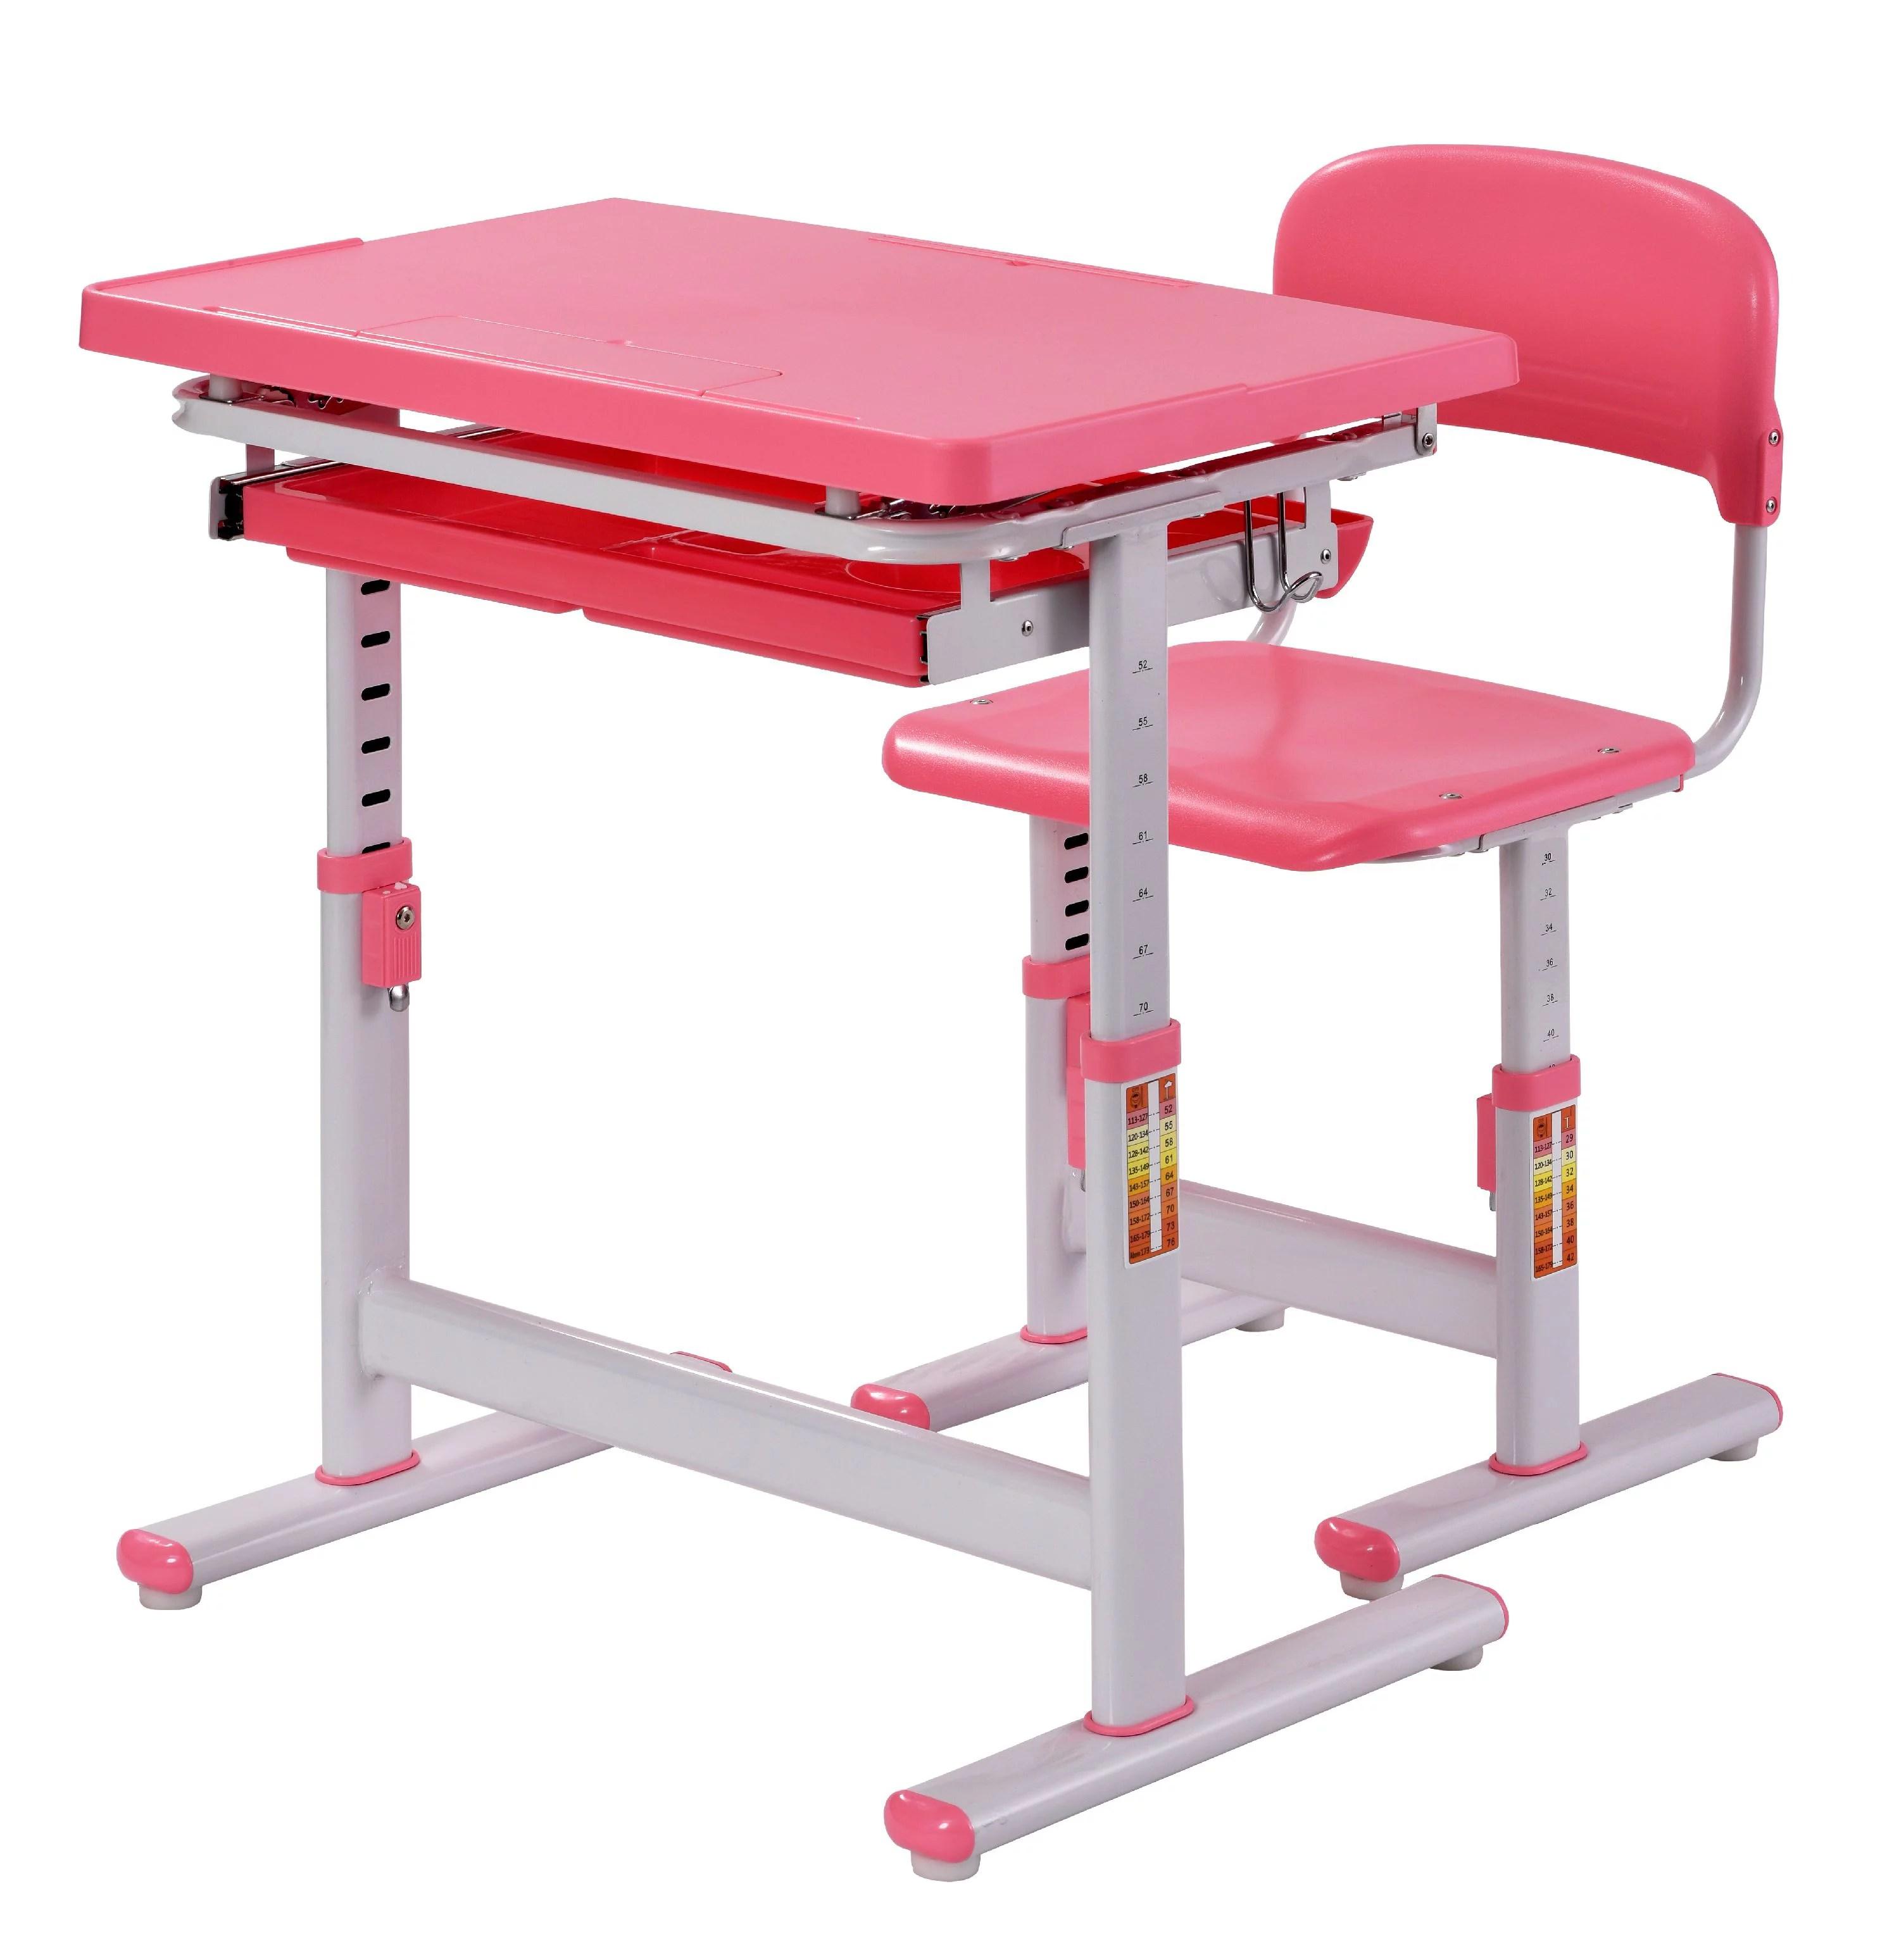 Ergonomic Adjustable Kids Desk  Walmartcom